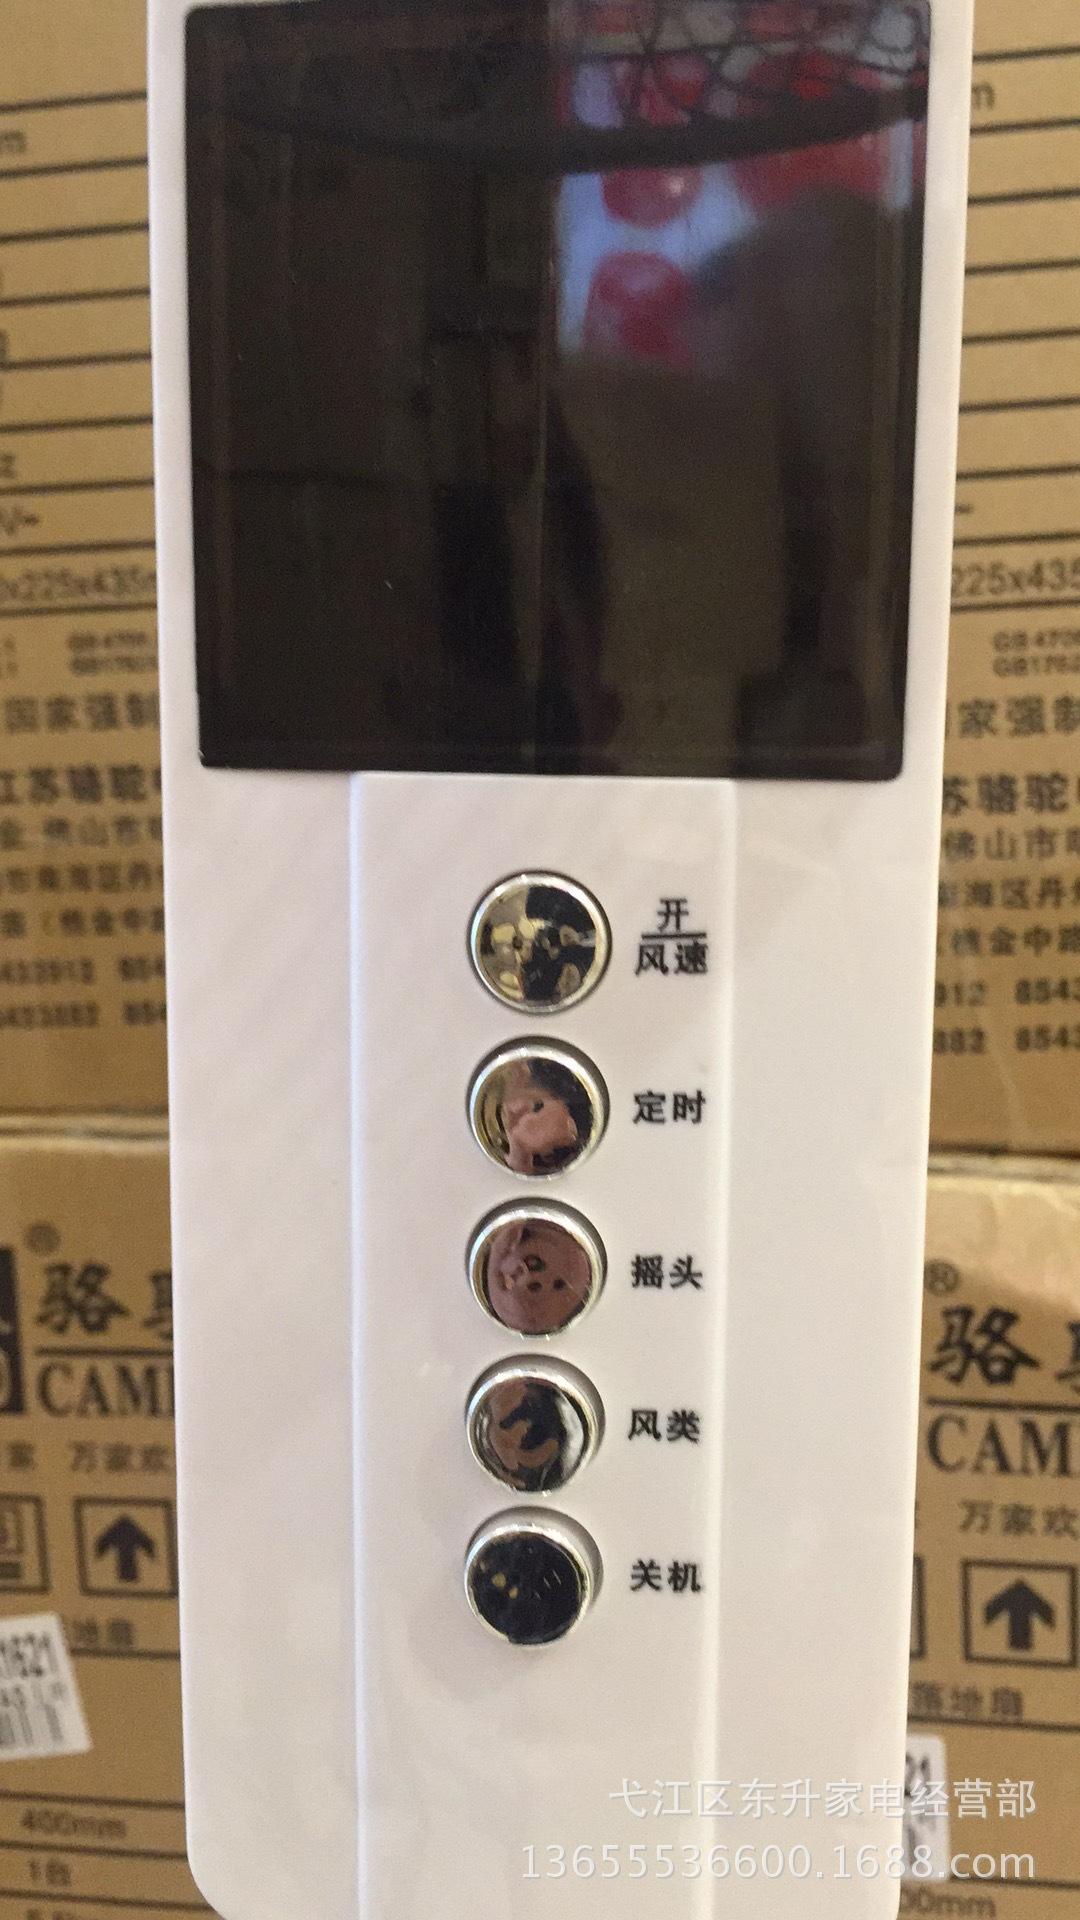 骆驼电风扇落地扇家用立式遥控节能定时静音夏季特价塑叶16寸